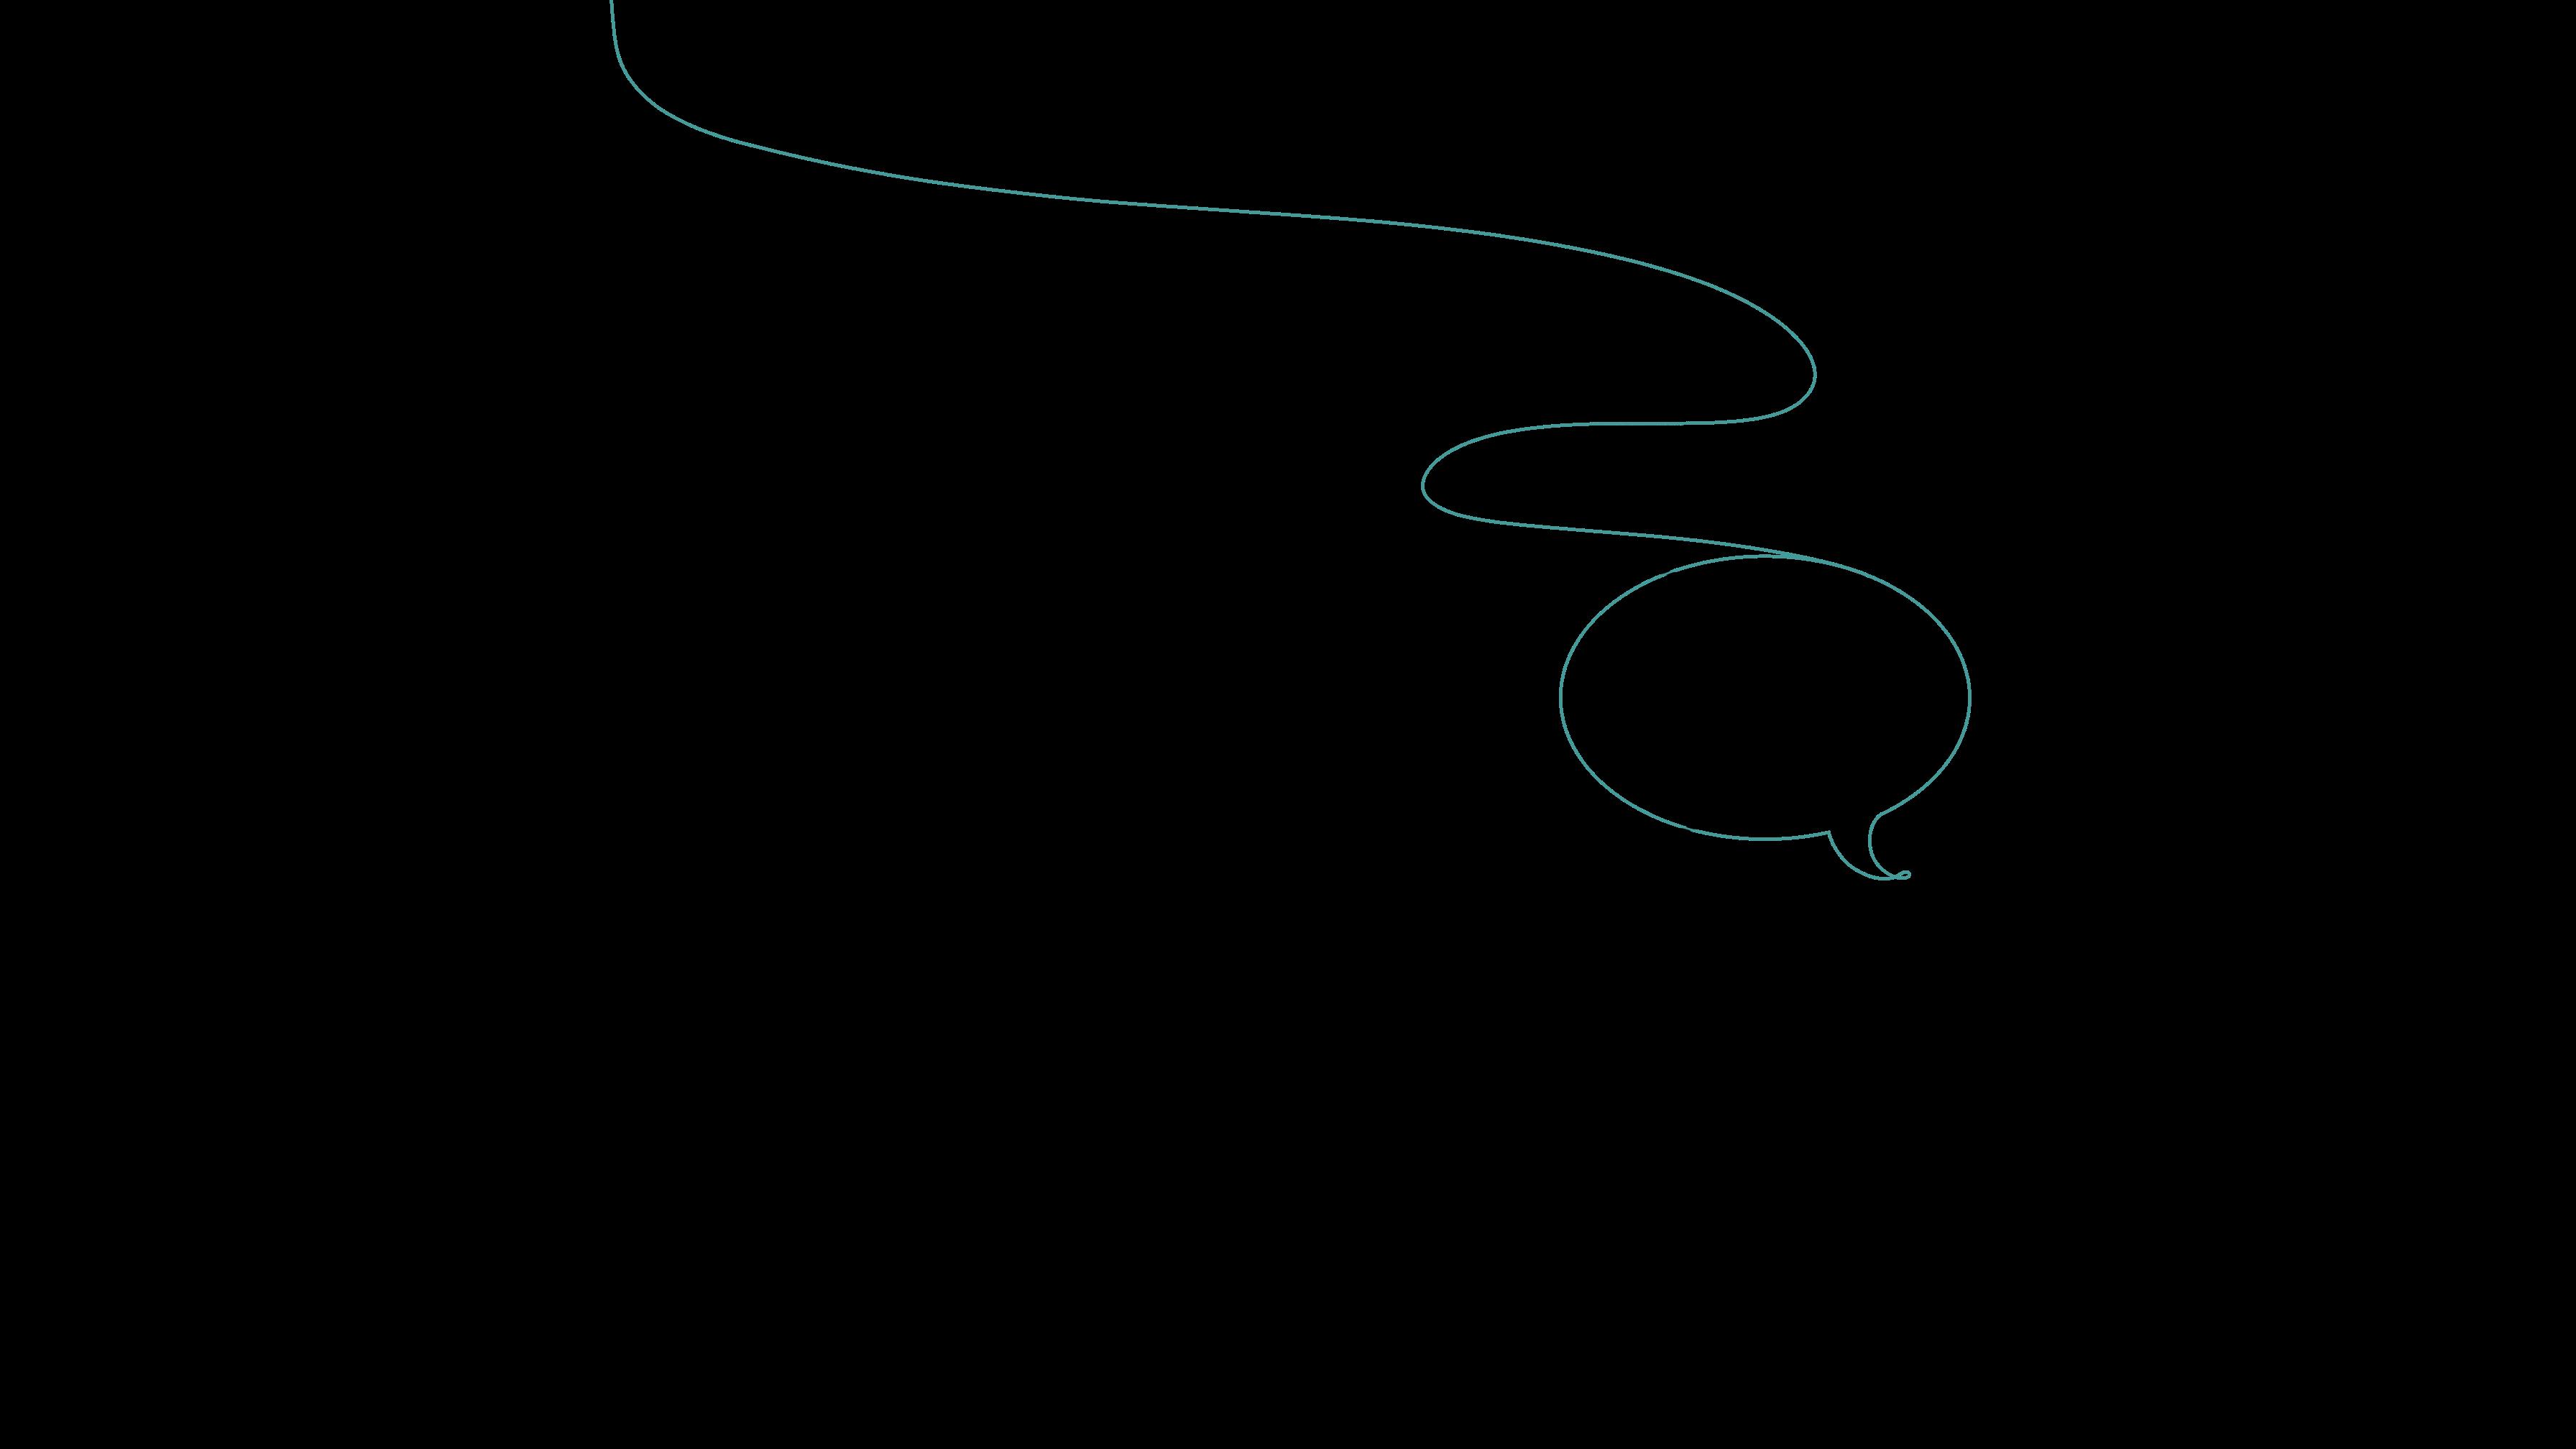 Der illustrierte Faden verwandelt sich in zwei Sprechblasen.